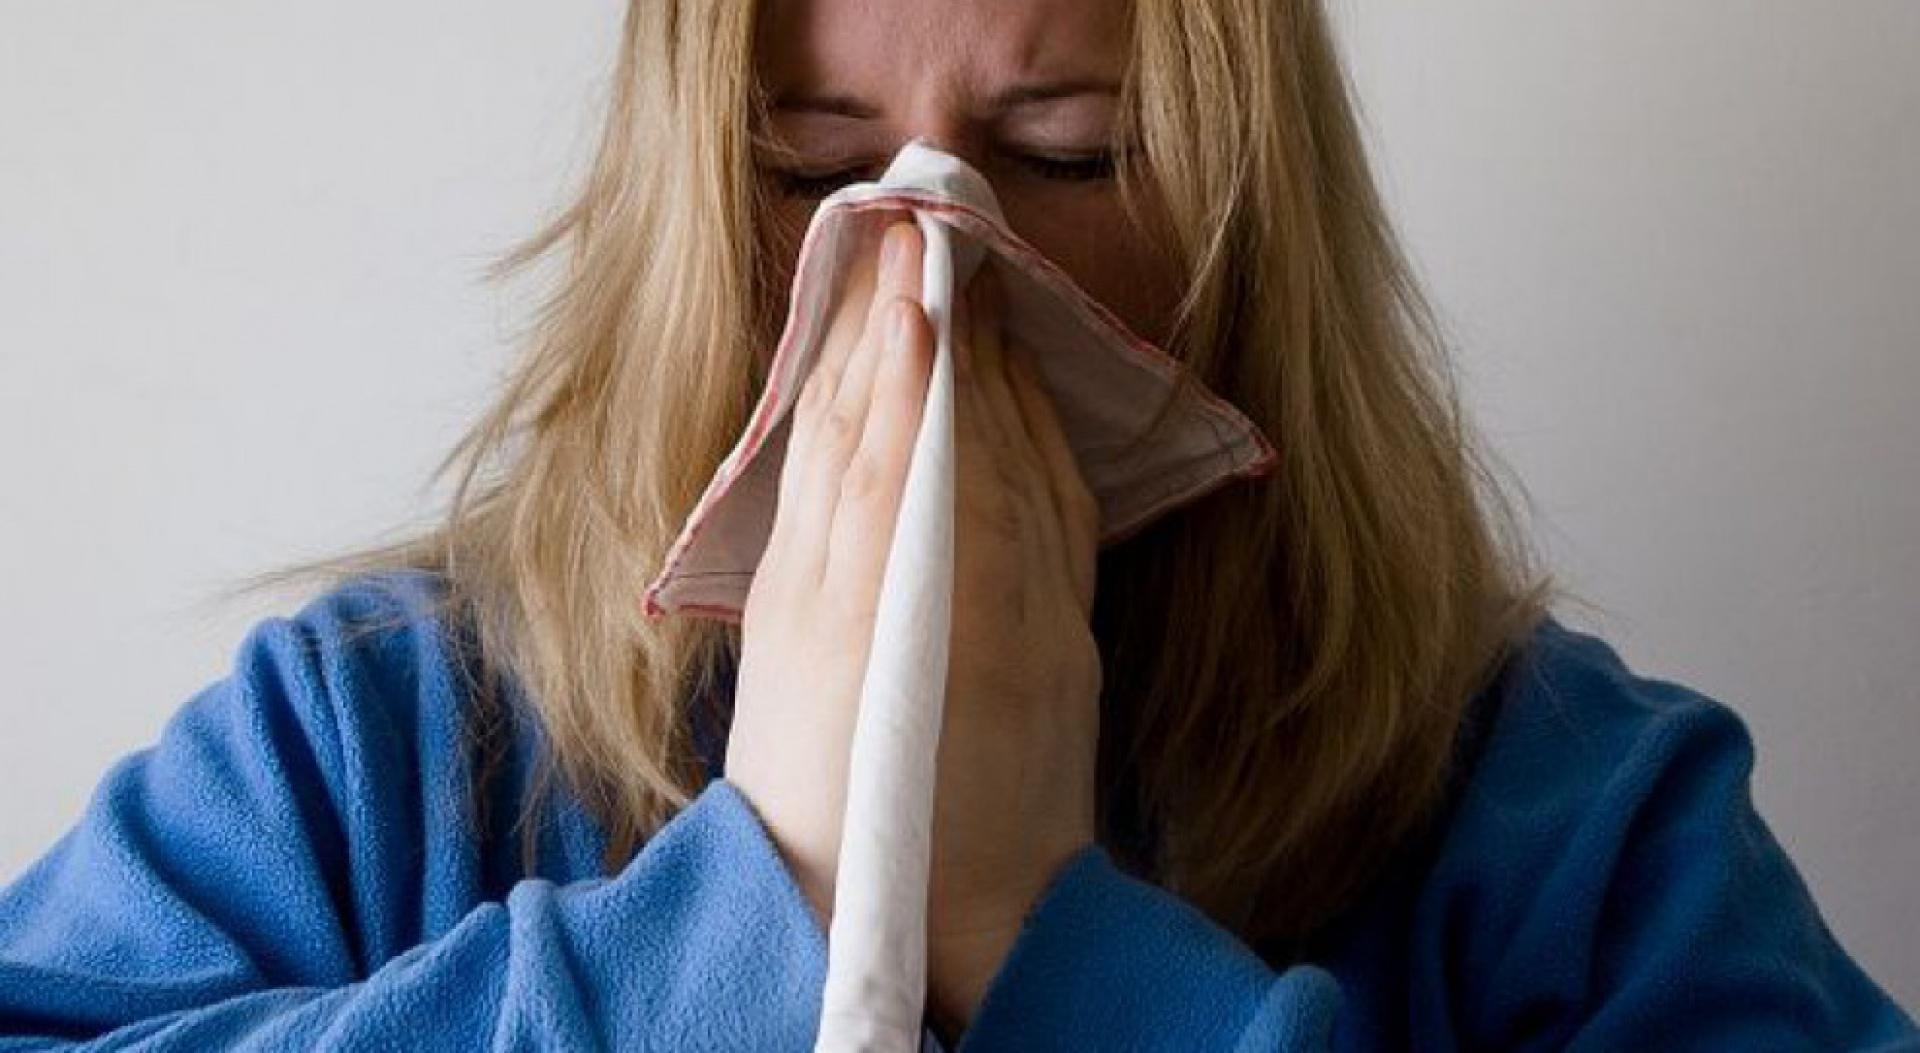 Wiele absencji chorobowych jest spowodowanych złapaniem infekcji w miejscu pracy. (fot. pixabay)